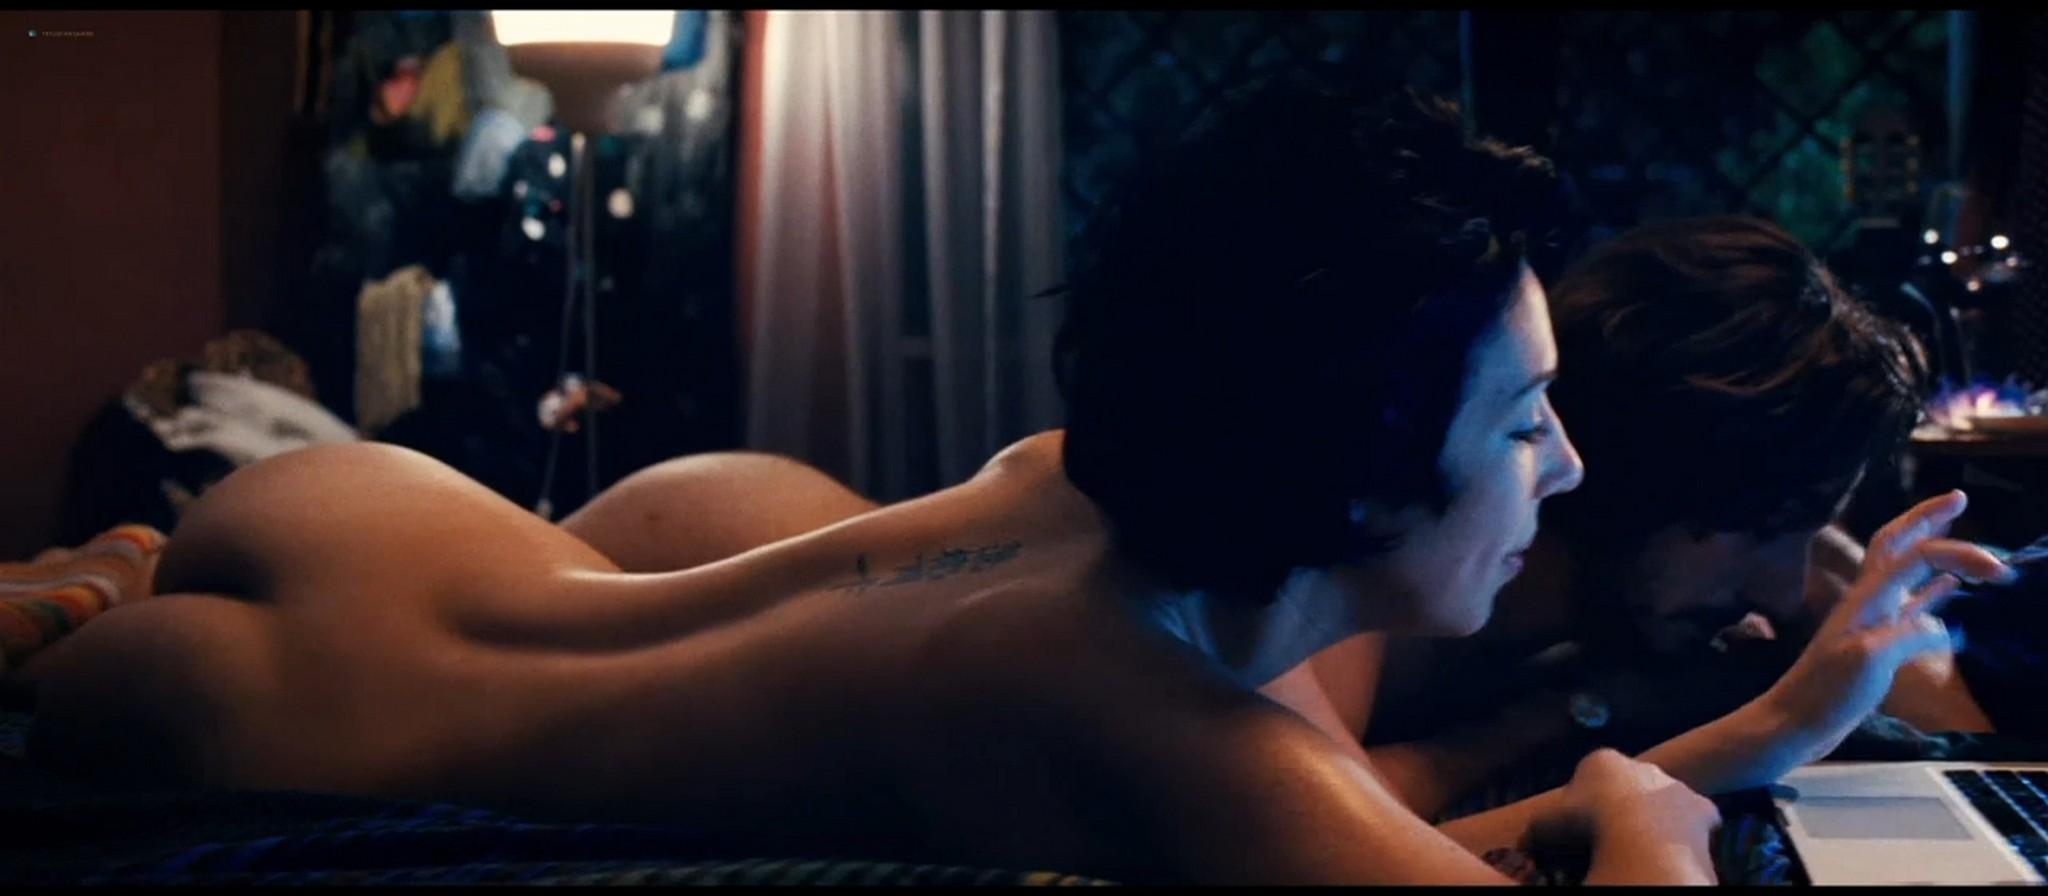 Thony Federica Victoria Caiozzo nude butt and sex Stefania Felicioli sexy Tutti i santi giorni IT 2012 720p BluRay 09